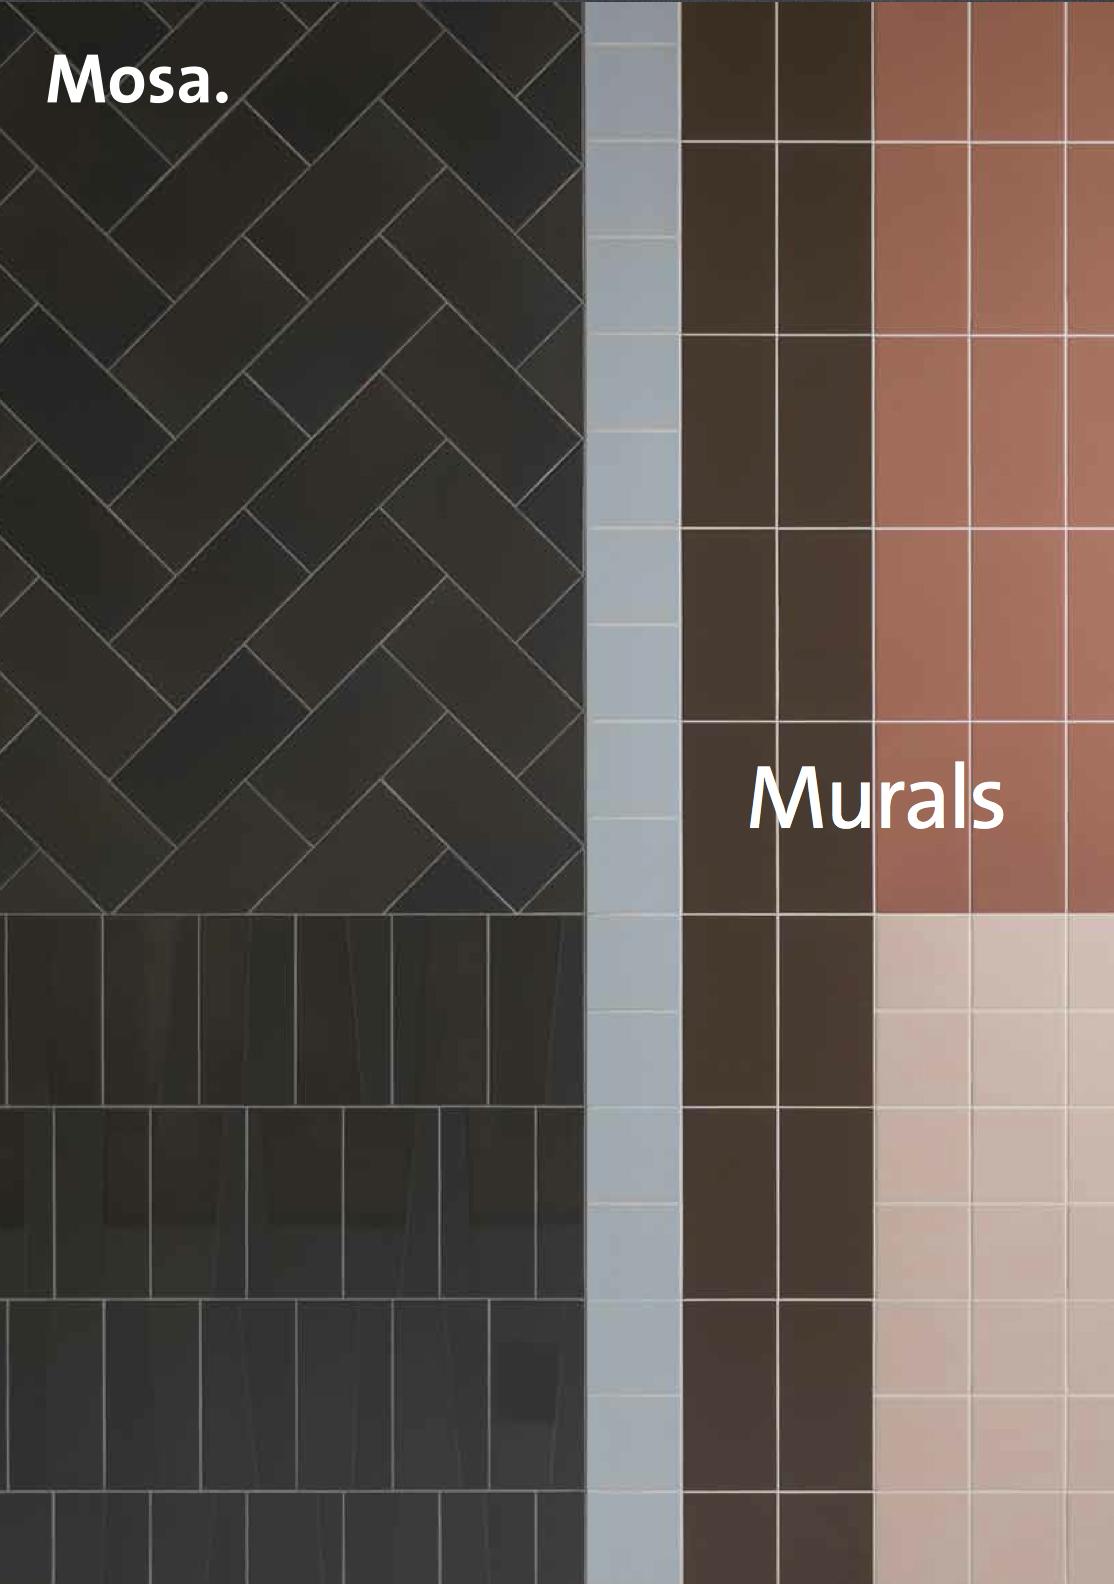 ditail-soluciones-prescripcion-mosa-murals-